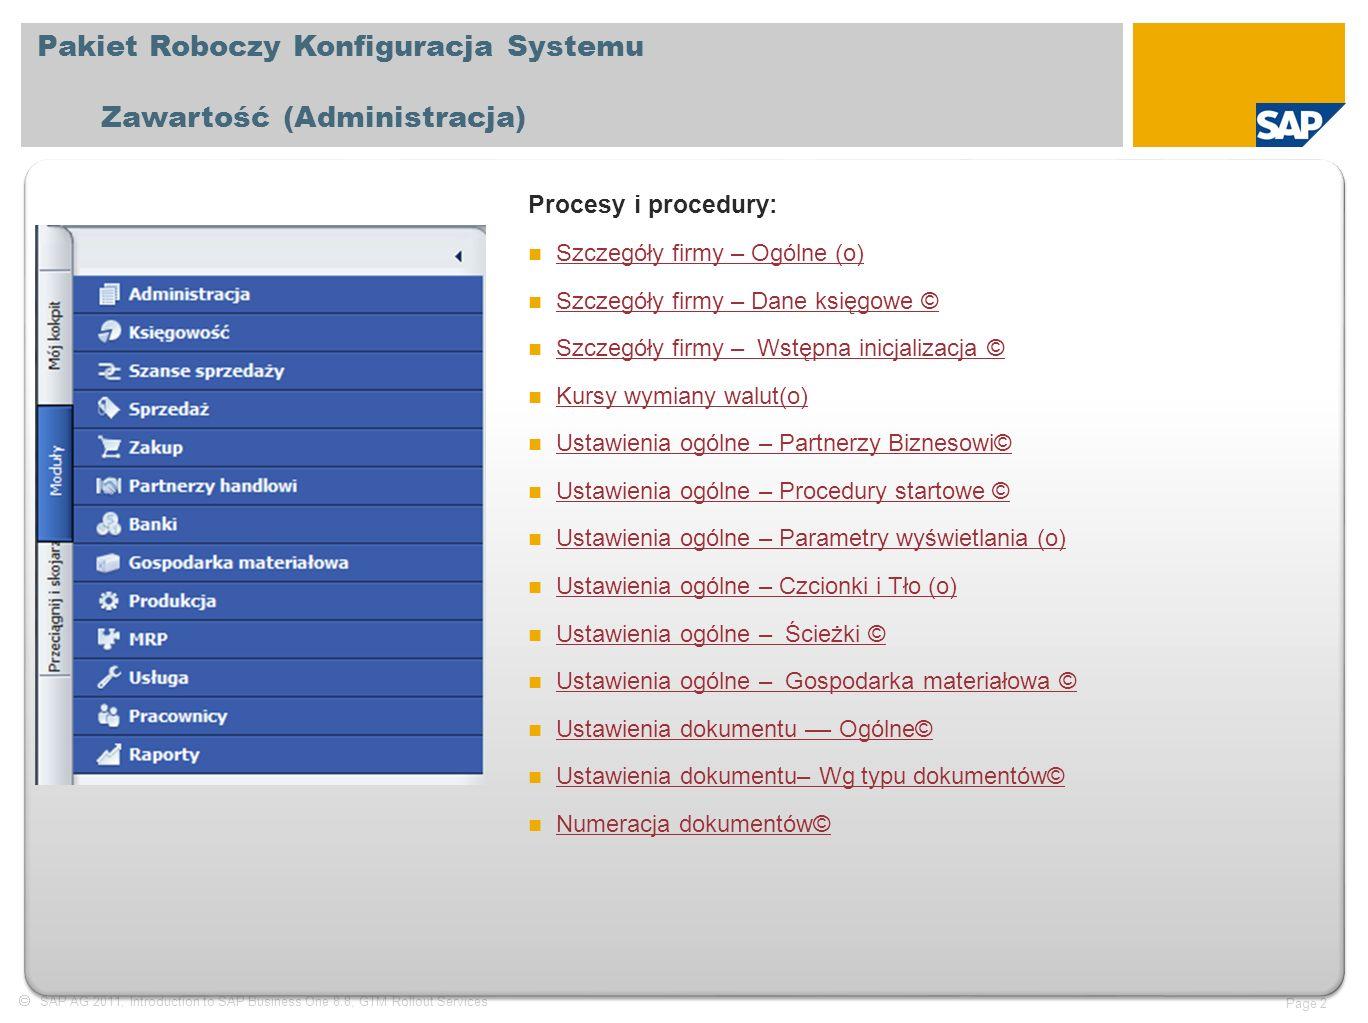  SAP AG 2011, Introduction to SAP Business One 8.8, GTM Rollout Services Page 13 Ustawienia ogólne – procedury startowe Procesy i procedury Ogólne: Zakładka Usługi służy do określania procedur, które będą uruchamiane automatycznie po zalogowaniu się użytkownika do systemu SAP Business One.